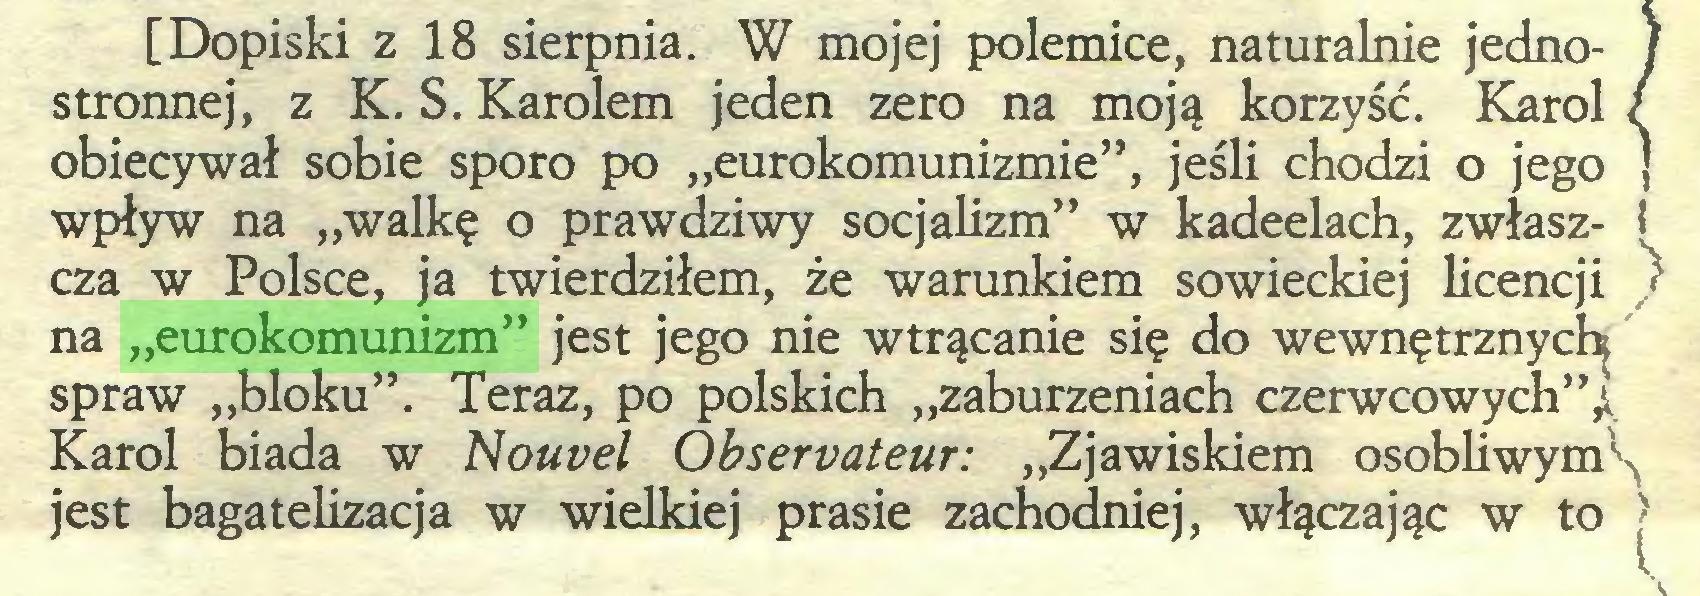 """(...) [Dopiski z 18 sierpnia. W mojej polemice, naturalnie jednostronnej, z K. S. Karolem jeden zero na moją korzyść. Karol obiecywał sobie sporo po """"eurokomunizmie"""", jeśli chodzi o jego wpływ na """"walkę o prawdziwy socjalizm"""" w kadeelach, zwłaszcza w Polsce, ja twierdziłem, że warunkiem sowieckiej licencji na """"eurokomunizm"""" jest jego nie wtrącanie się do wewnętrznych spraw """"bloku"""". Teraz, po polskich """"zaburzeniach czerwcowych""""^ Karol biada w Nouvel Observateur: """"Zjawiskiem osobliwym^ jest bagatelizacja w wielkiej prasie zachodniej, włączając w to >..."""